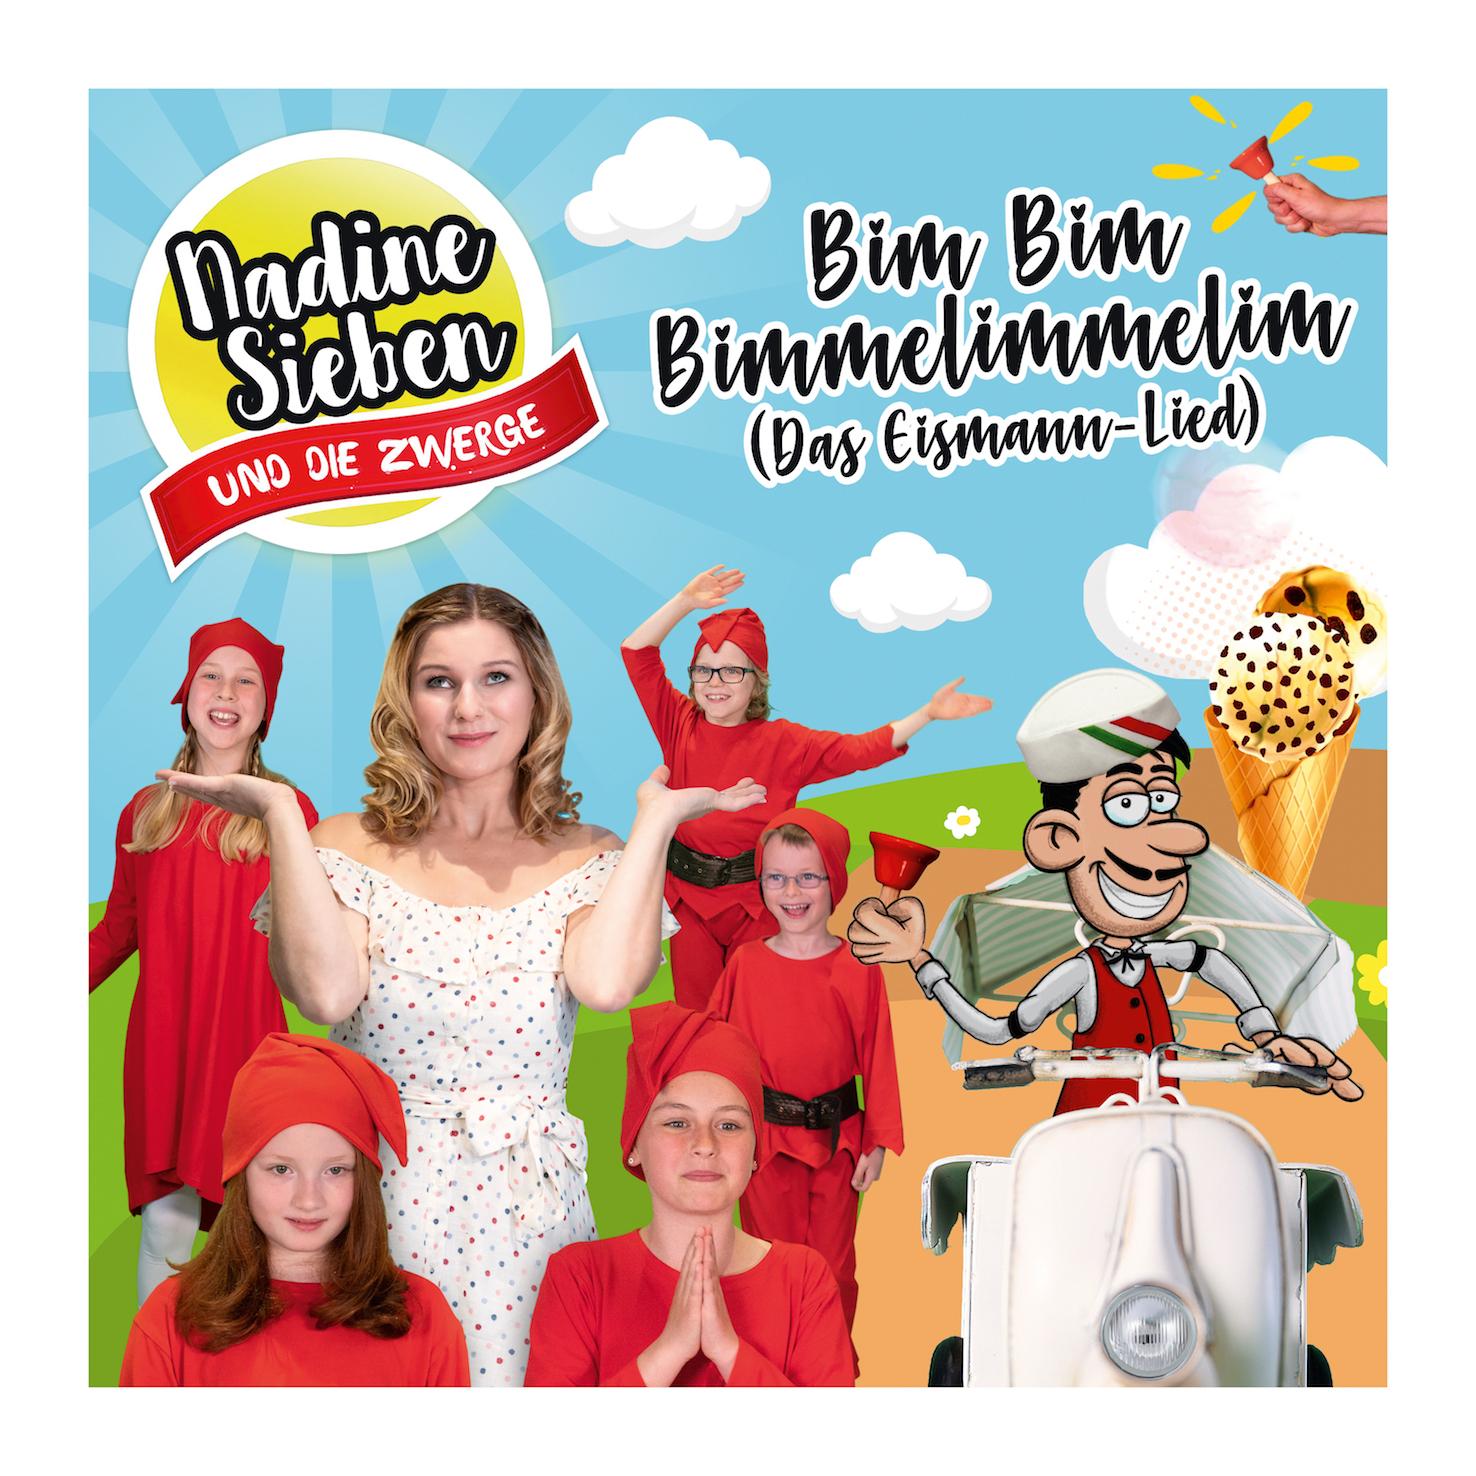 Nadine Sieben - Bim Bim Bimmelimmelim (Das Eismann-Lied)